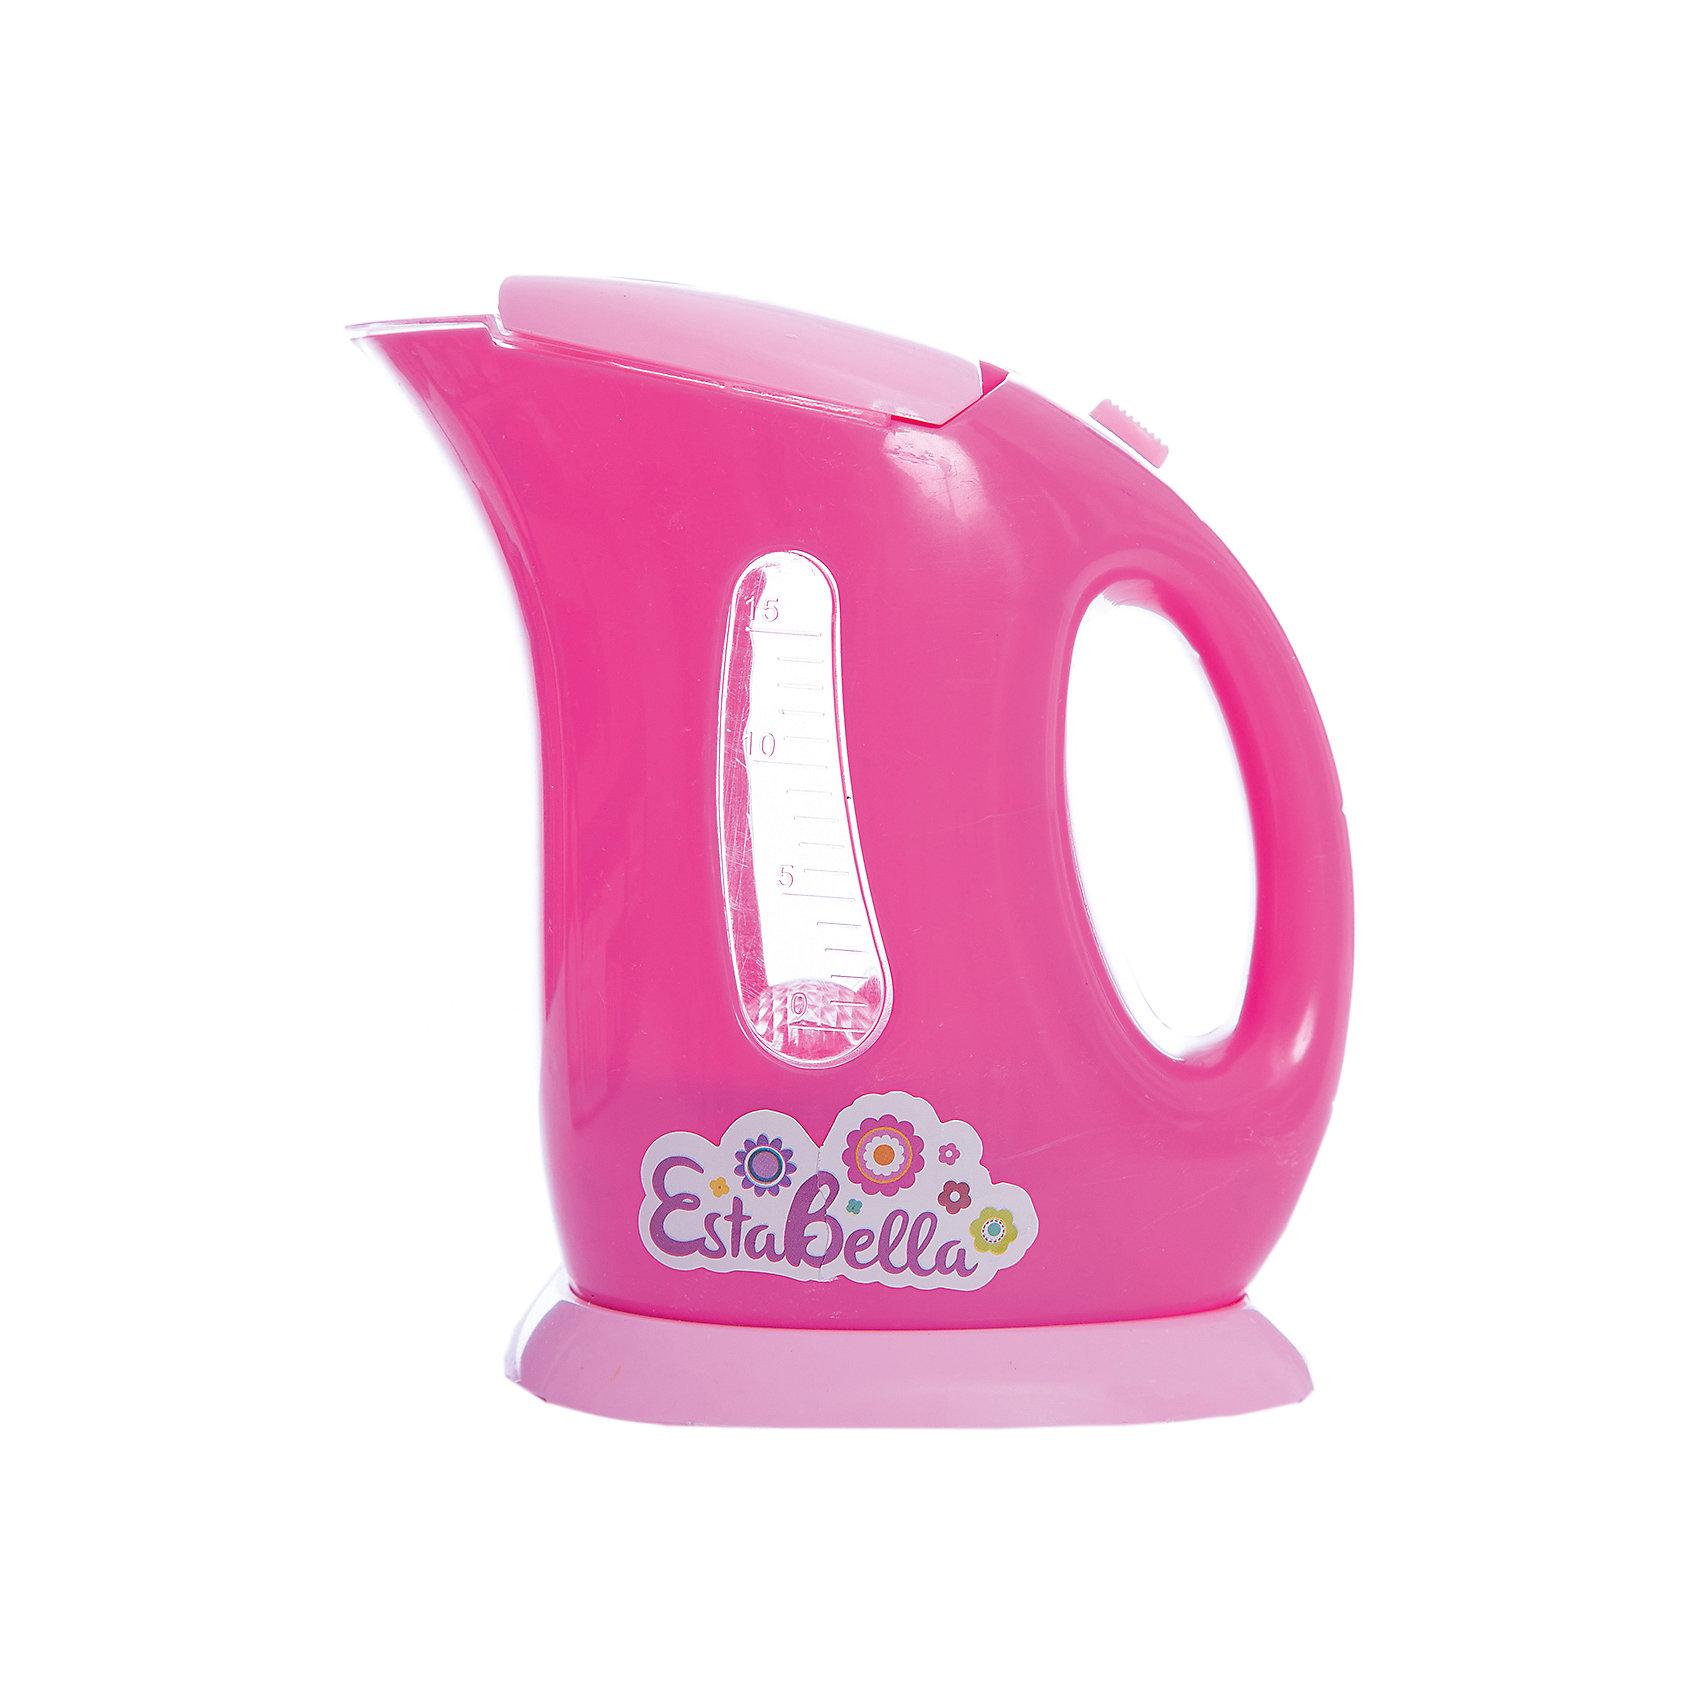 Игрушка Чайник электрический, EstaBellaИгрушка Чайник электрический, EstaBella (Эстабелла).<br><br>Характеристики:<br><br>• световые и звуковые эффекты<br>• полностью безопасен для ребенка<br>• требуются батарейки<br>• материал: пластик<br>• вес: 250 грамм<br>• размер упаковки: 15х8х16 см<br><br>С помощью чайника EstaBella (Эстабелла) девочка сможет угостить свои игрушки вкусным чаем. Игрушка имеет световые и звуковые эффекты, которые обеспечат максимальную реалистичность во время игры. Чайник полностью безопасен для ребенка. С этой игрушкой кукольные чаепития пройдут очень весело!<br><br>Вы можете купить игрушку Чайник электрический, EstaBella (Эстабелла) в нашем интернет-магазине.<br><br>Ширина мм: 160<br>Глубина мм: 80<br>Высота мм: 150<br>Вес г: 250<br>Возраст от месяцев: 36<br>Возраст до месяцев: 120<br>Пол: Женский<br>Возраст: Детский<br>SKU: 5017655